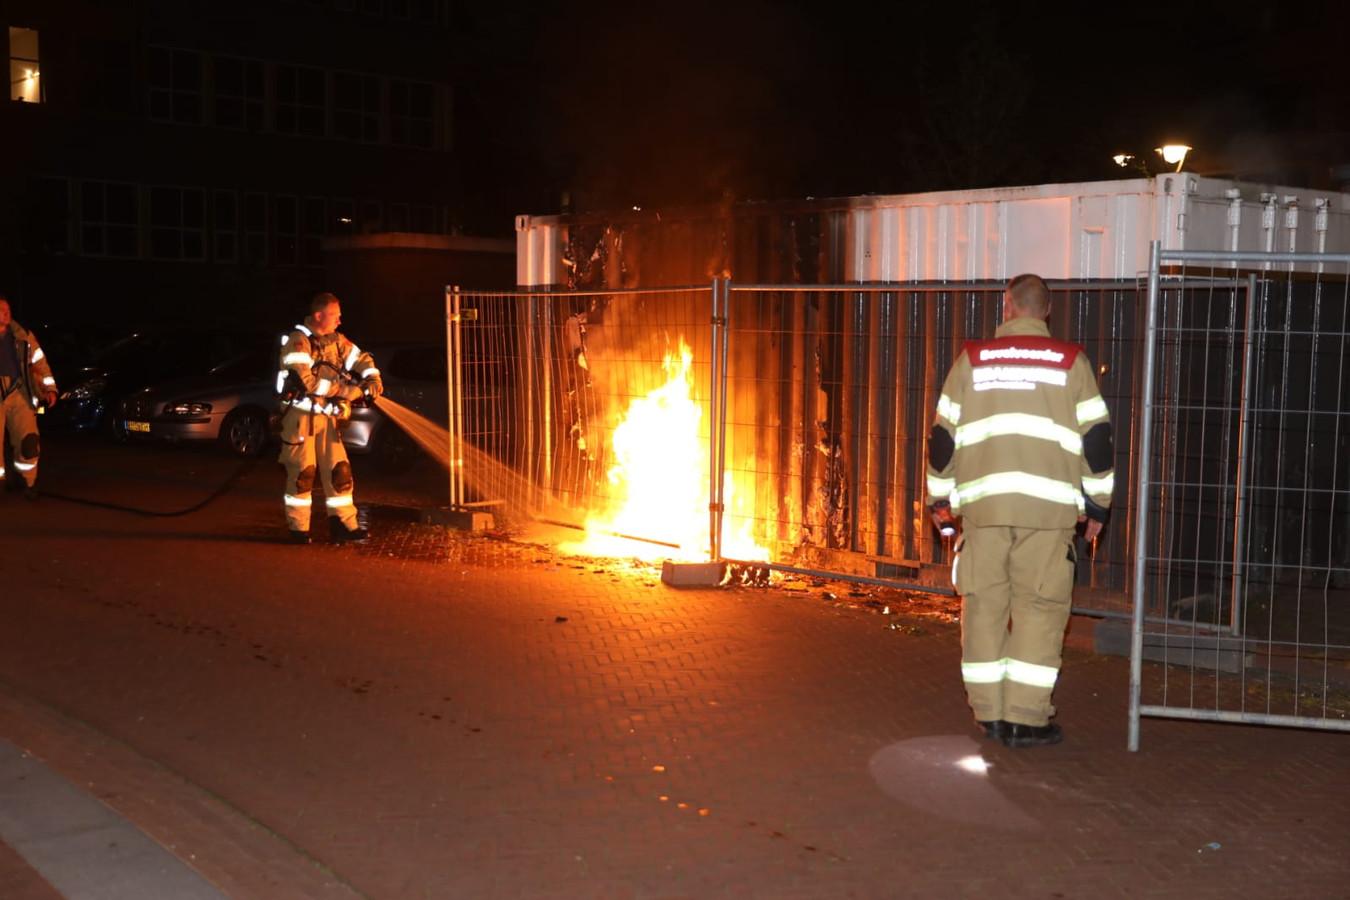 Brandweermannen blussen de brandende jerrycans.